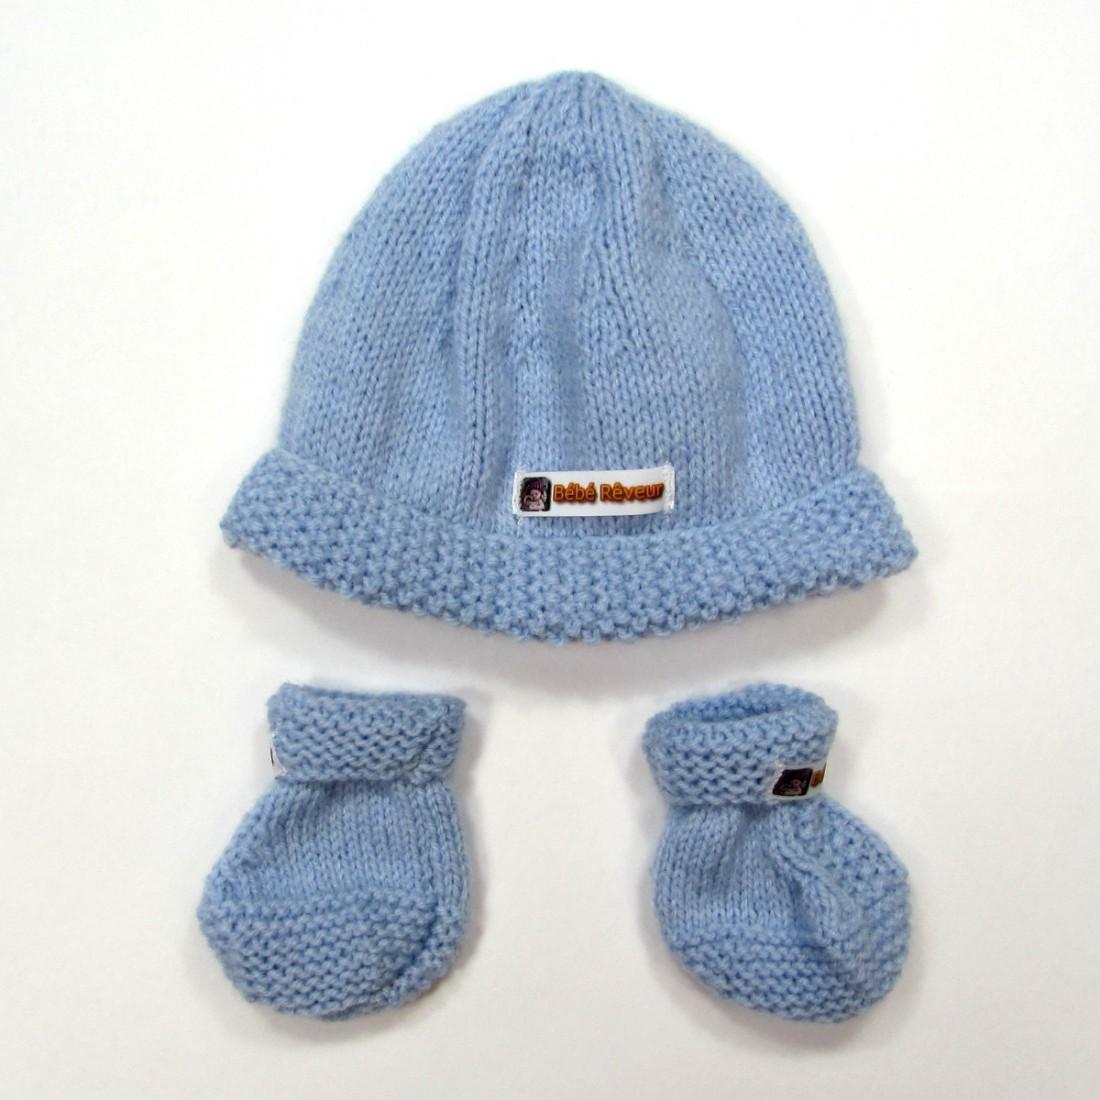 Trousseau de naissance bleu bonnet et chaussons tricot pour garçon d4245e0dabc